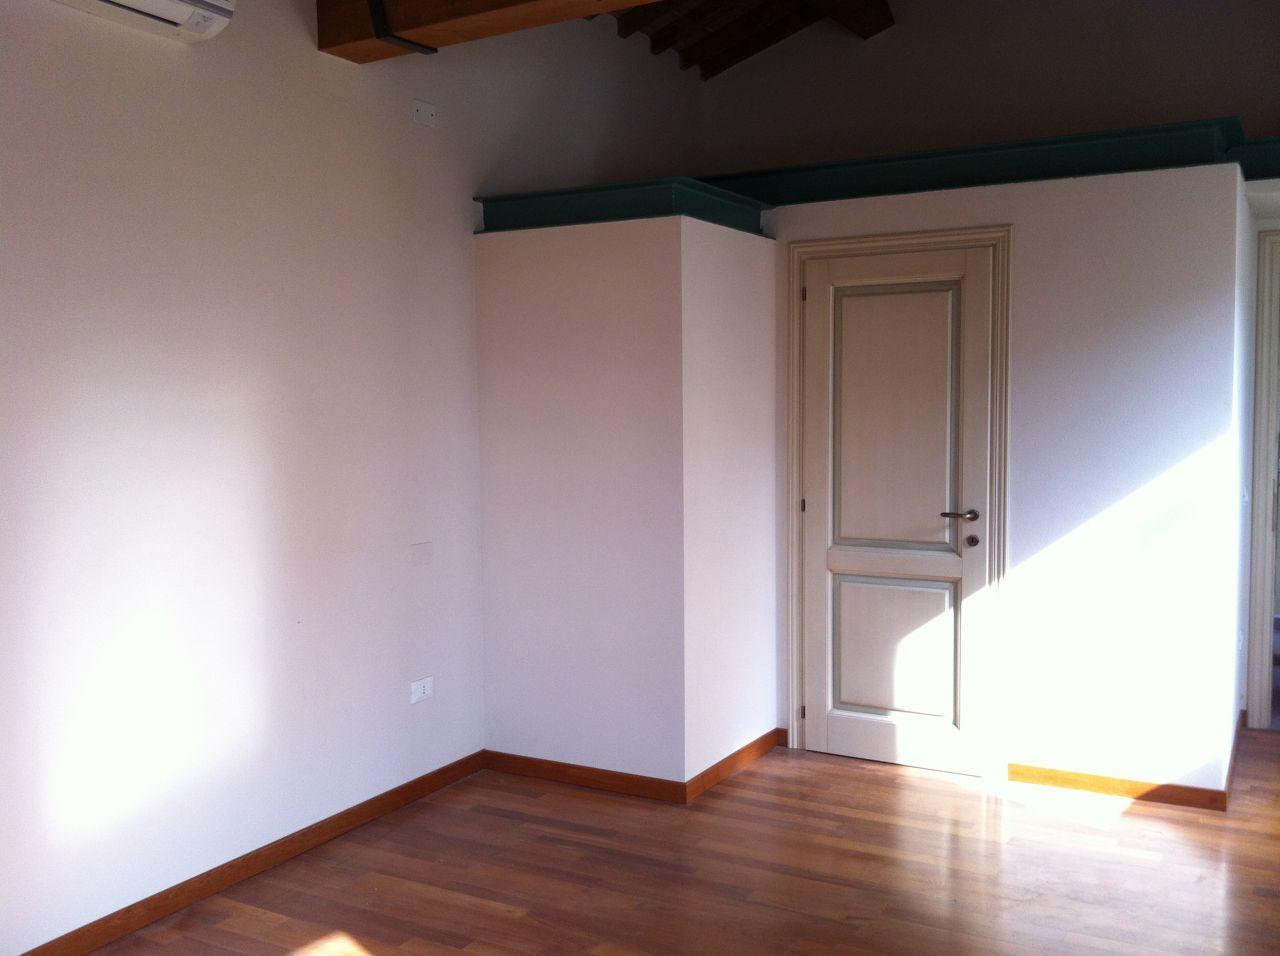 Locale commerciale in affitto RIF. LC13, Empoli (FI)